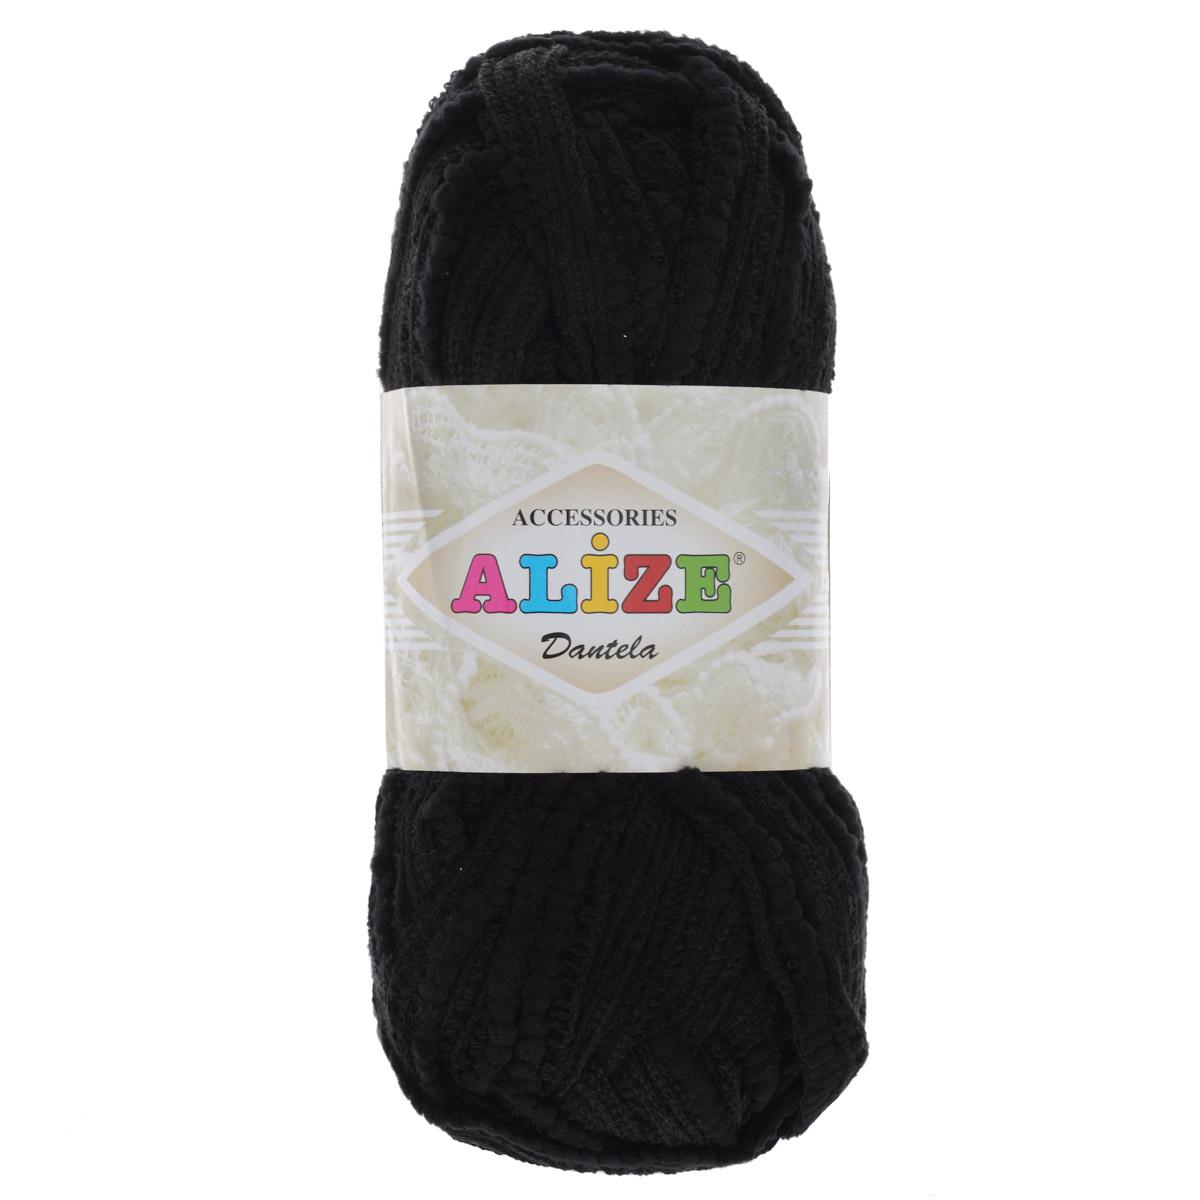 Пряжа для вязания Alize Dantela, цвет: черный (60), 24 м, 100 г, 5 шт364132_60 черныйПряжа для вязания Alize Dantela изготовлена из акрила с добавлением полиамида. Акрил придает практичности, поэтому вещи из этой пряжи не деформируются после стирки и в процессе носки. Пряжа ленточная, выполнена в виде ажурной ленты-сетки. Имеет однотонный окрас, легкая и мягкая. Окрашена стойкими качественными красителями, не линяет. Отлично подходит для создания воланов и рюш. Из этой пряжи можно создать праздничный образ - эффектные, нежные, воздушные платья, топы, различные аксессуары, сумочки, шарфы. Также используется для отделки готовых изделий, выполненных из других видов пряжи. 1 мотка пряжи хватит на изготовление одного легкого шарфика! Рекомендуются спицы: 5-12 мм. Состав: 16% полиамид, 84% акрил. Ширина нити: 1,5 см.